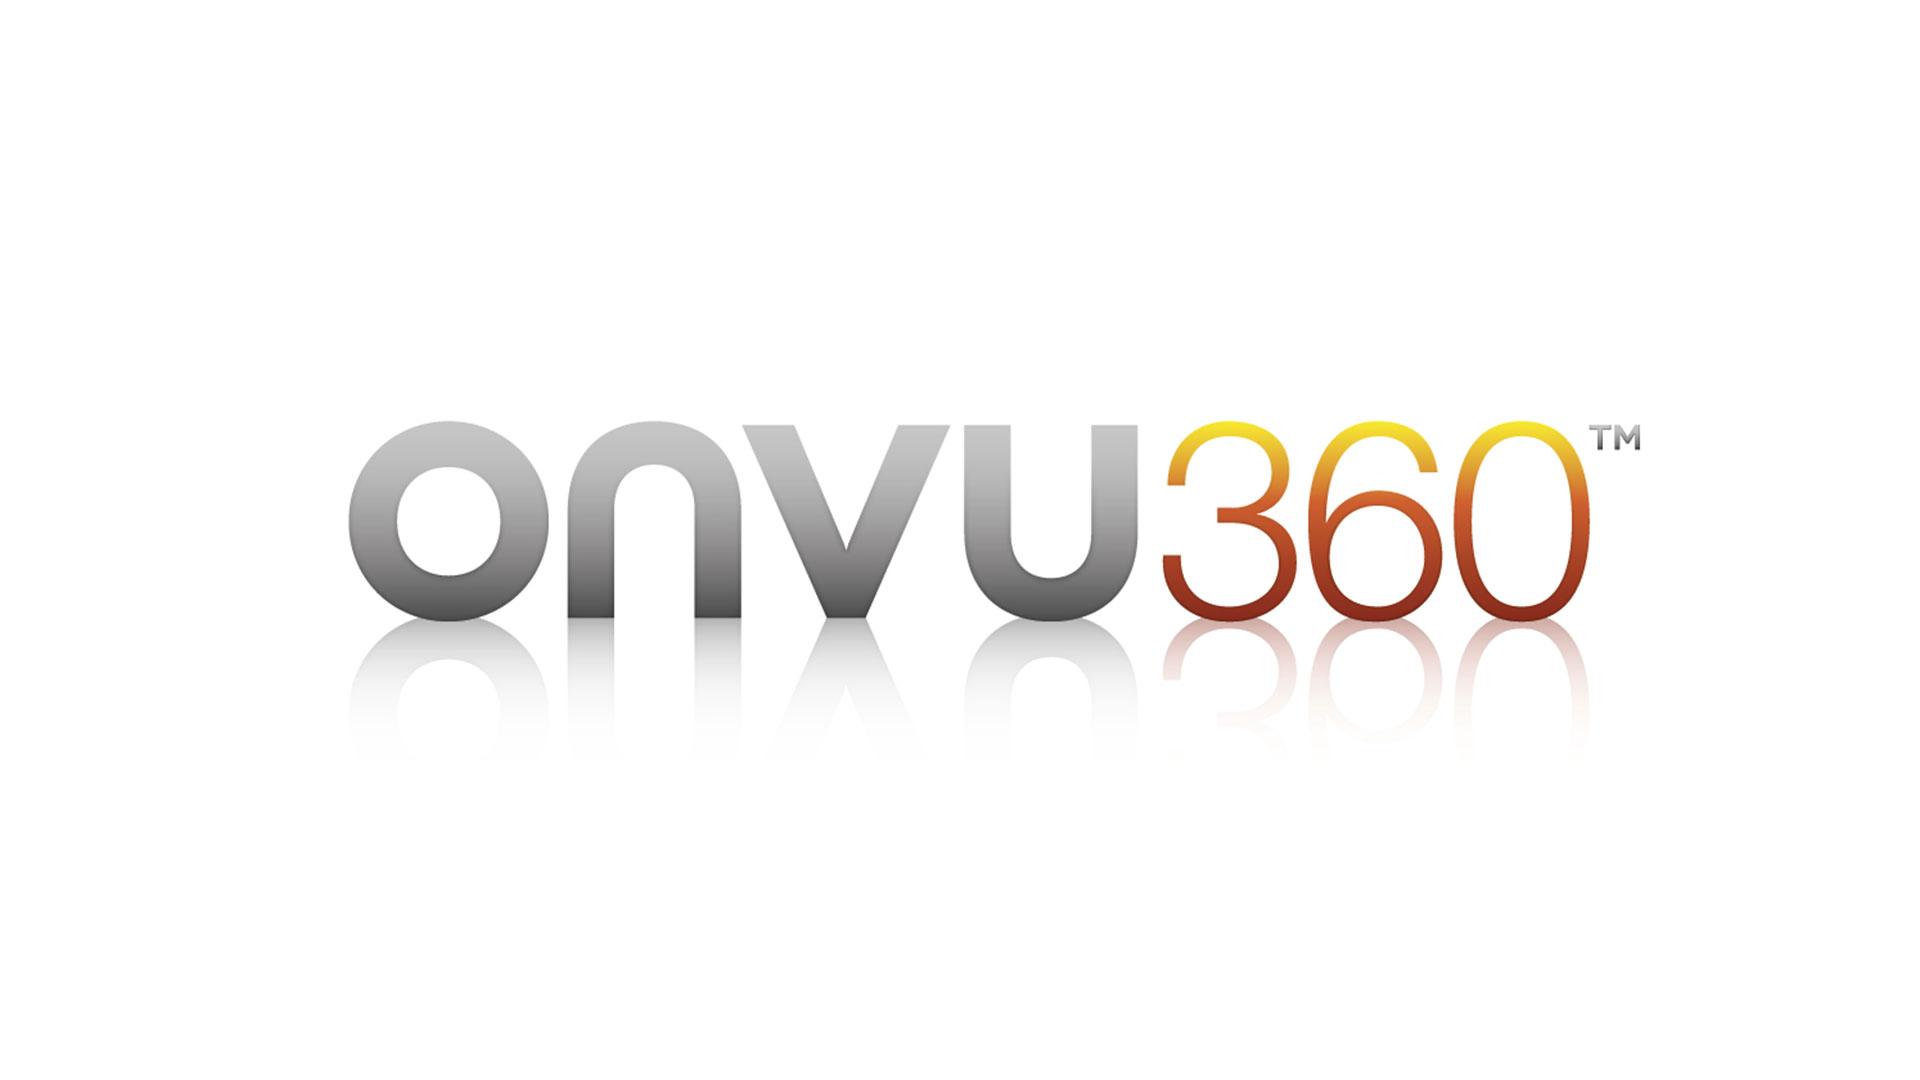 OnVu360_logo_light